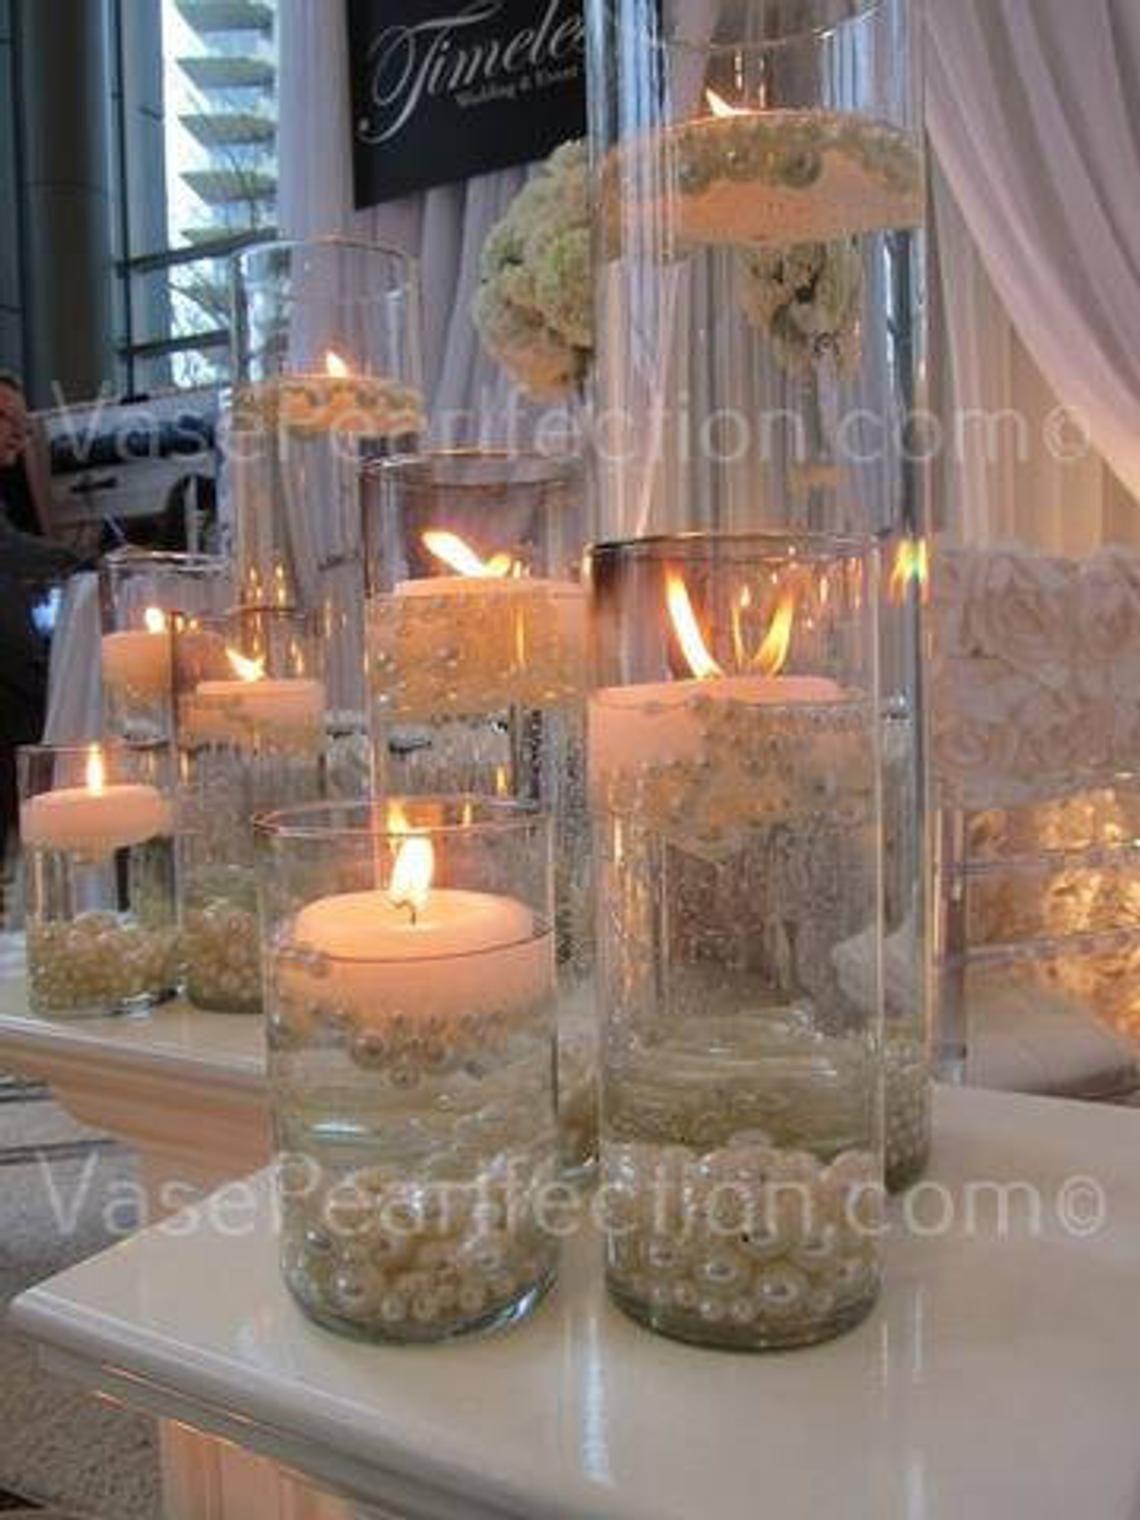 NO HOLE 80 All Ivory Pearls Jumbo/Assorted Sizes Vase | Etsy